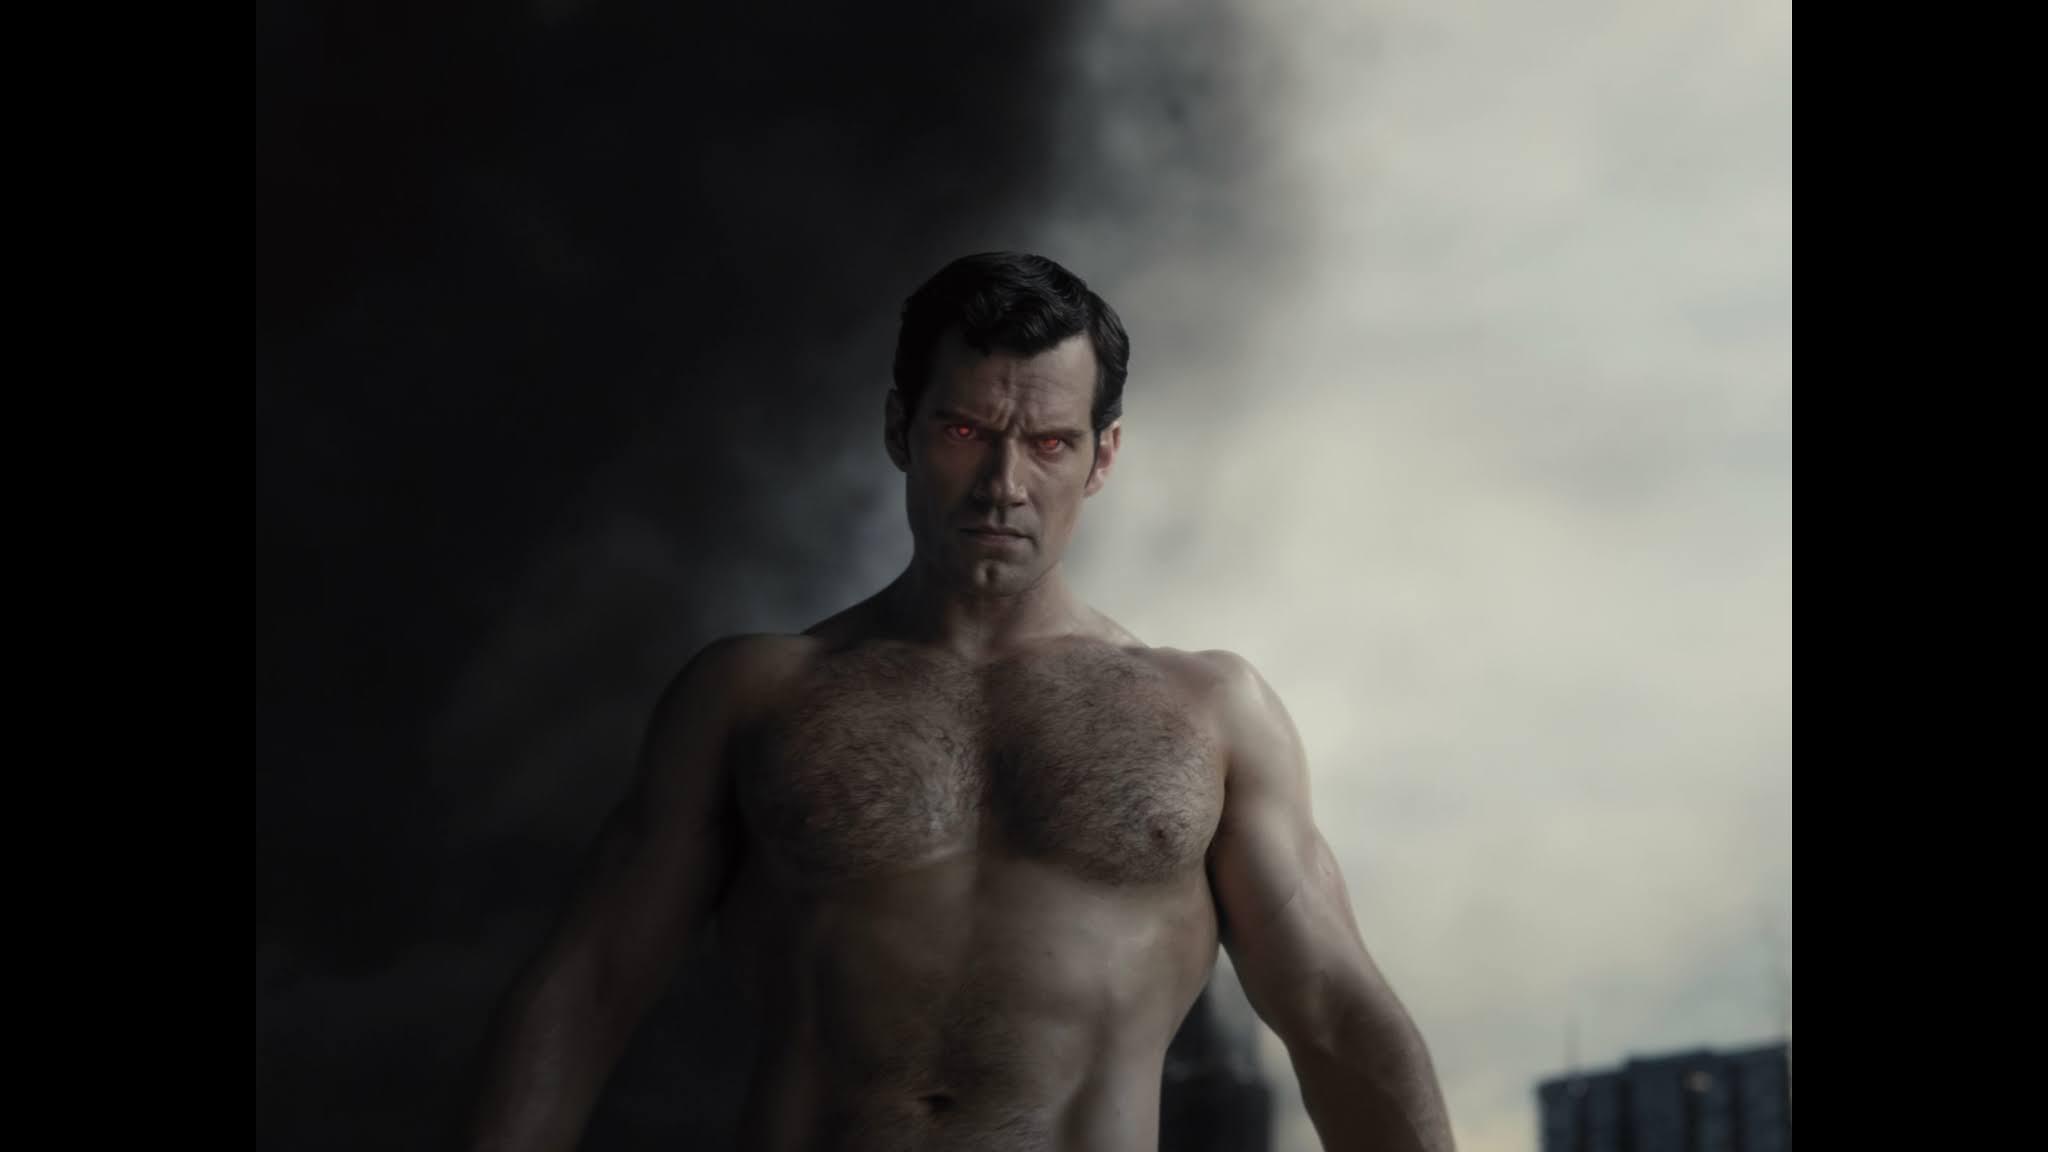 La Liga de la Justicia de Zack Snyder (2021) 4K WEB-DL SDR Latino